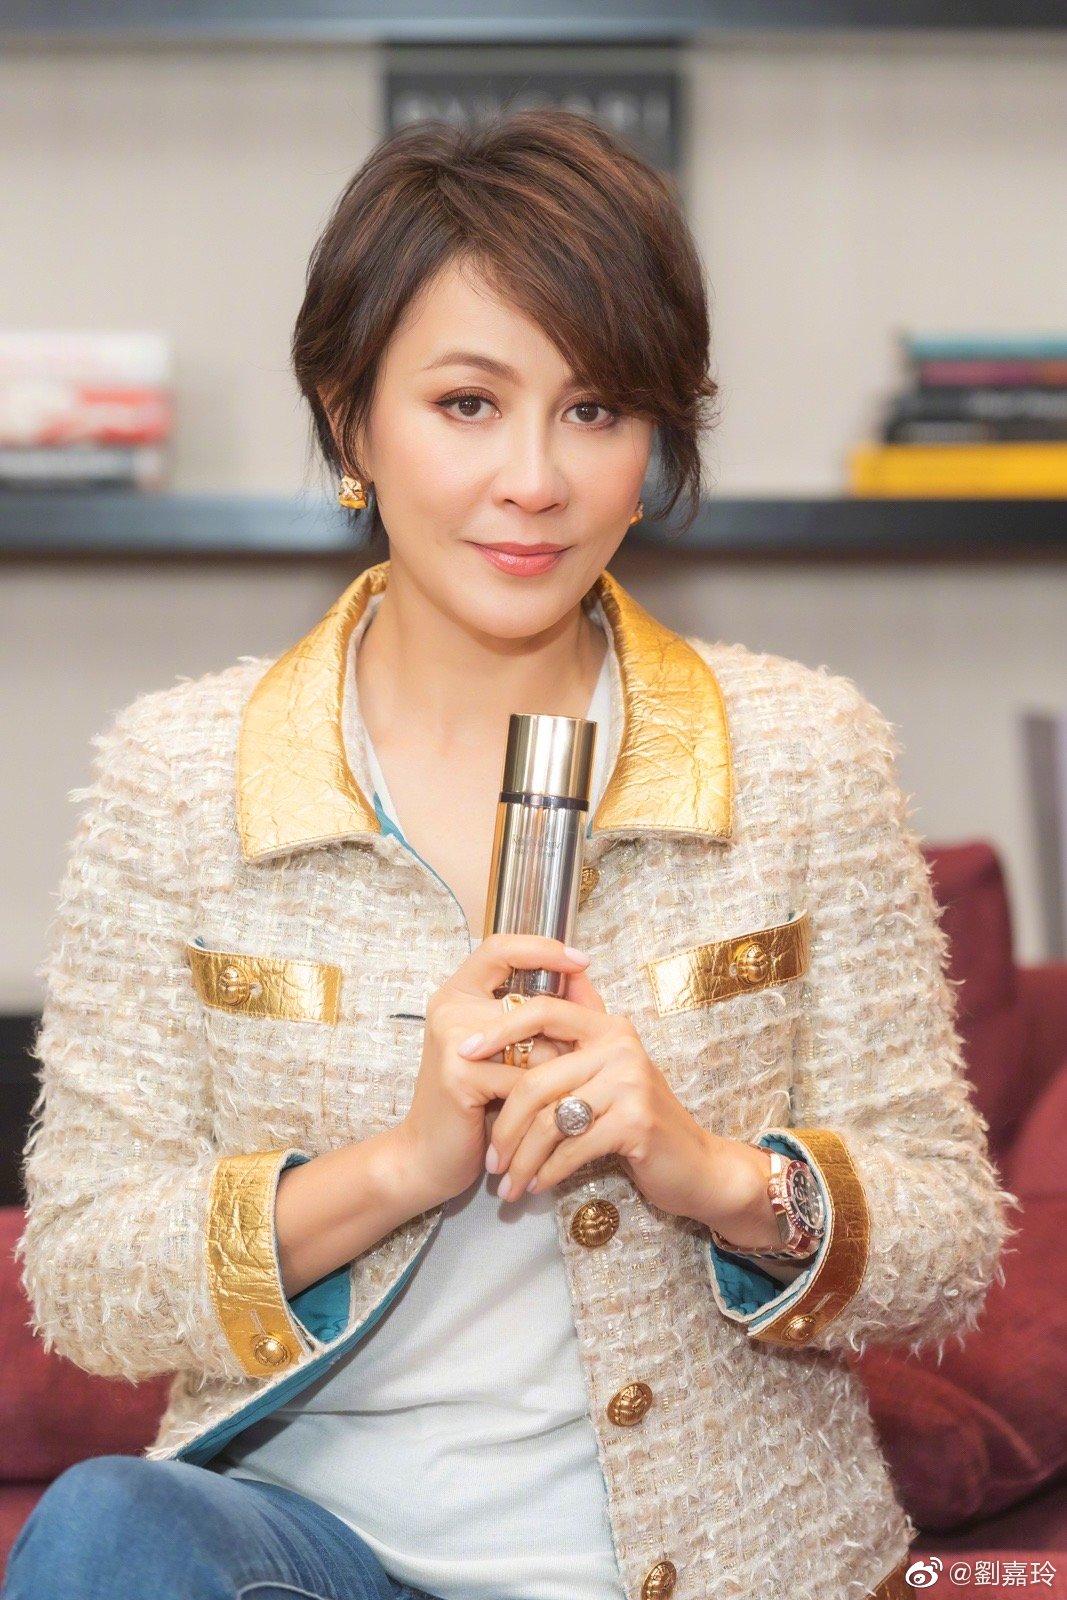 白皮书:中国高度重视并积极推进妇女事业发展